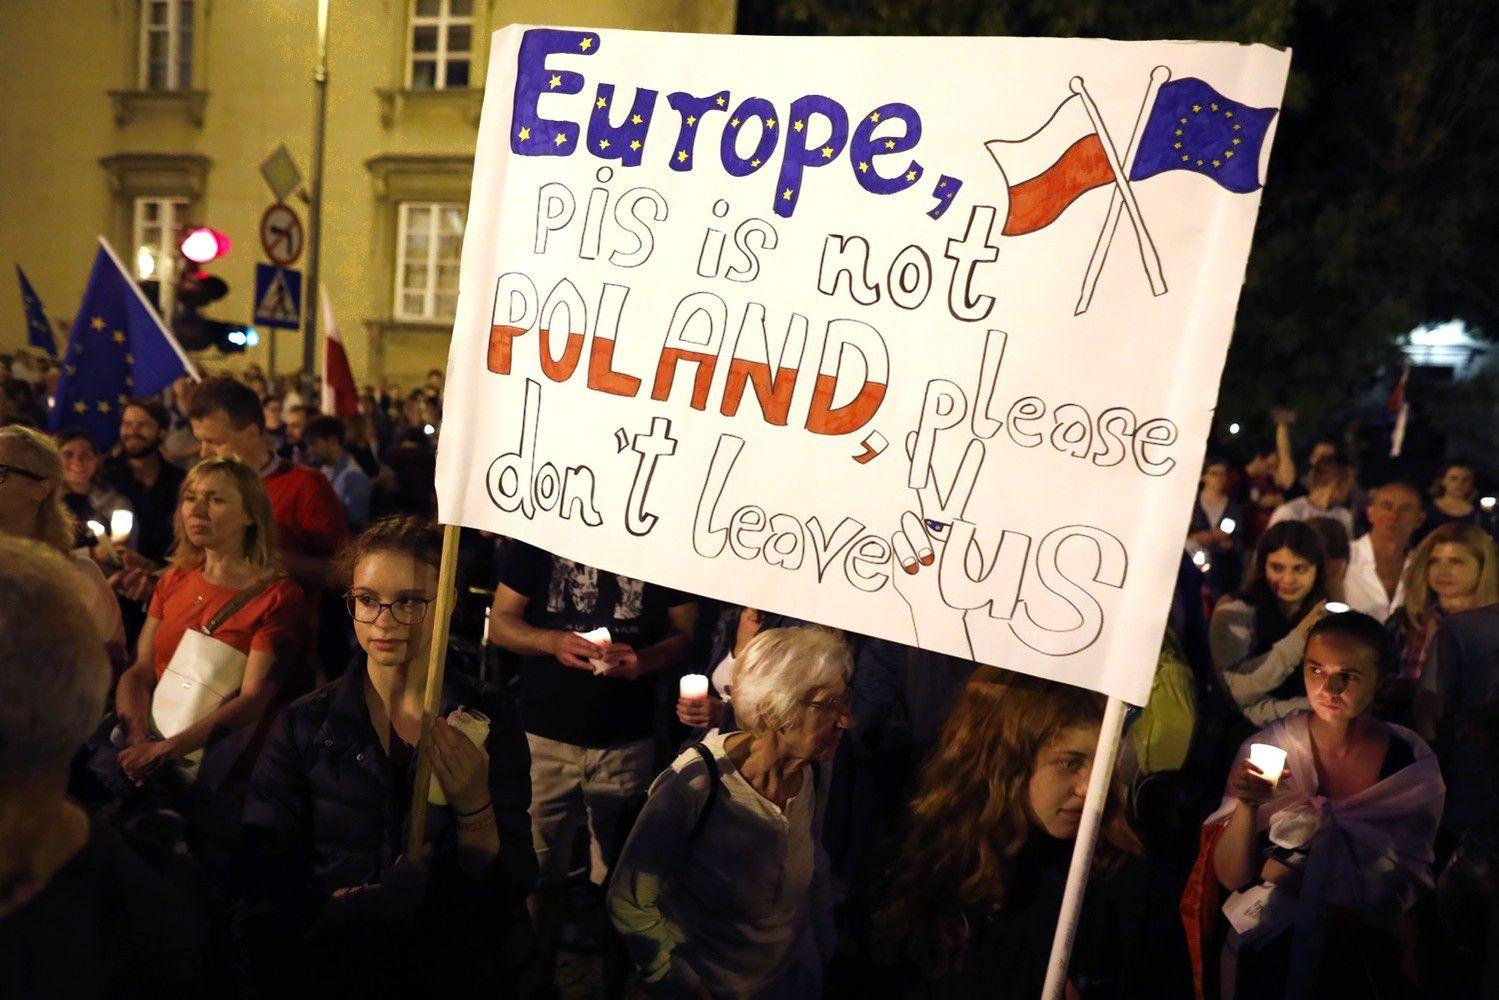 Lenkijoje neslopsta masiniai protestai dėl teismų reformos